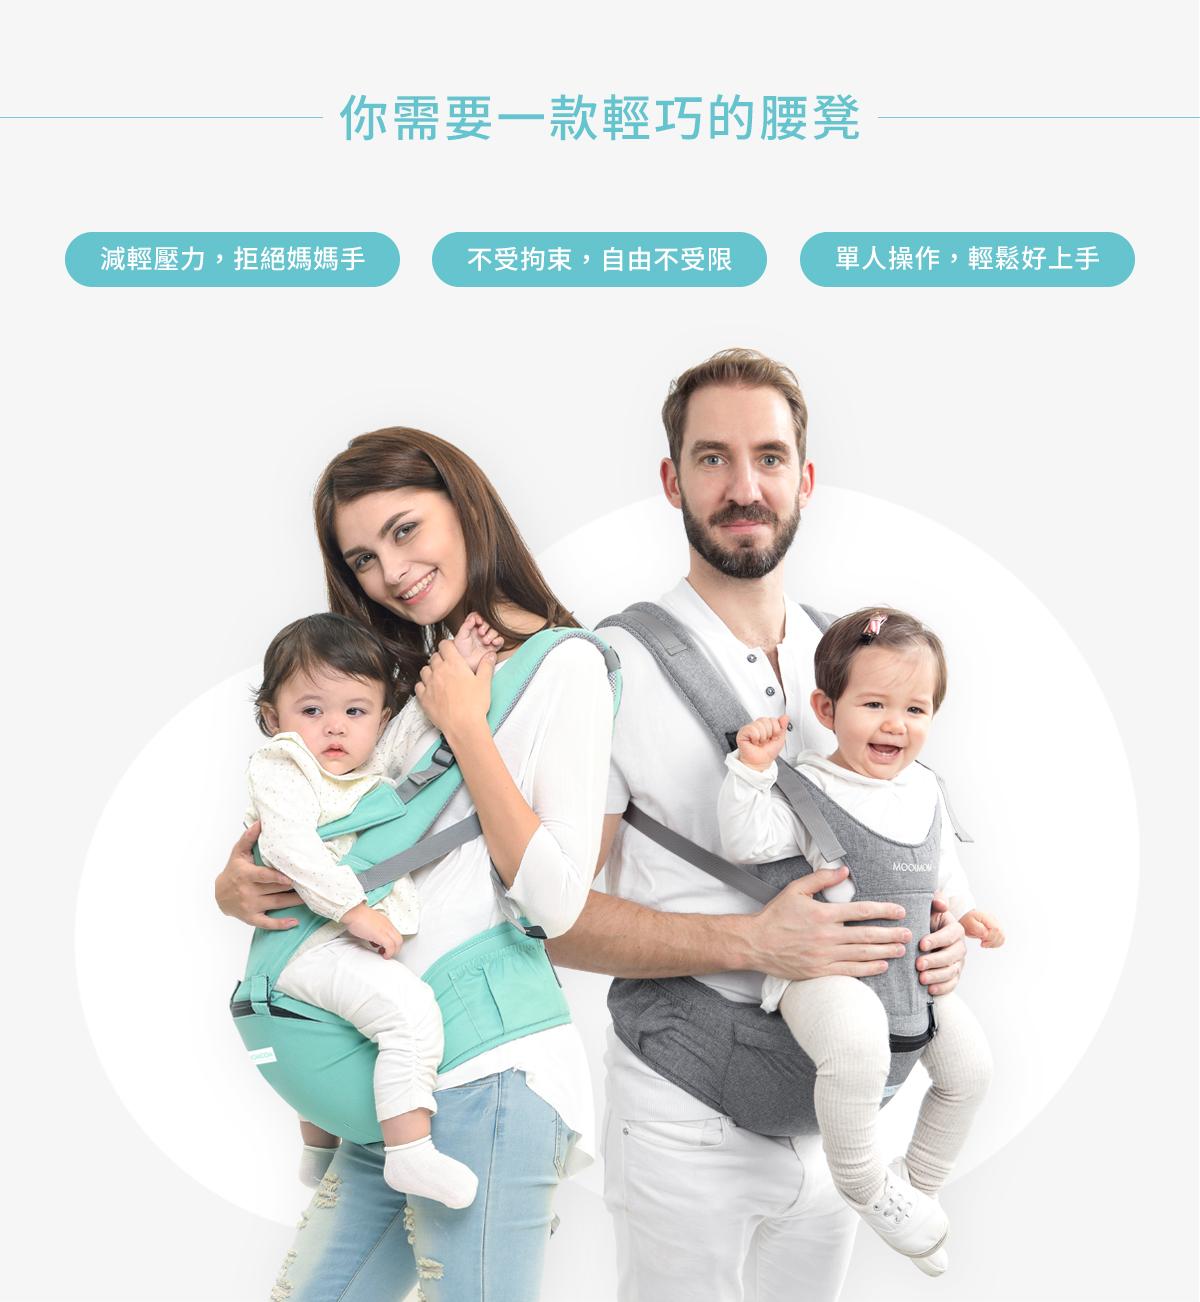 腰凳揹帶, 腰凳, 透氣腰凳, 超輕量款, 輕量, 減壓, 透氣, 輕巧簡約款, 媽媽手, 輕鬆操作